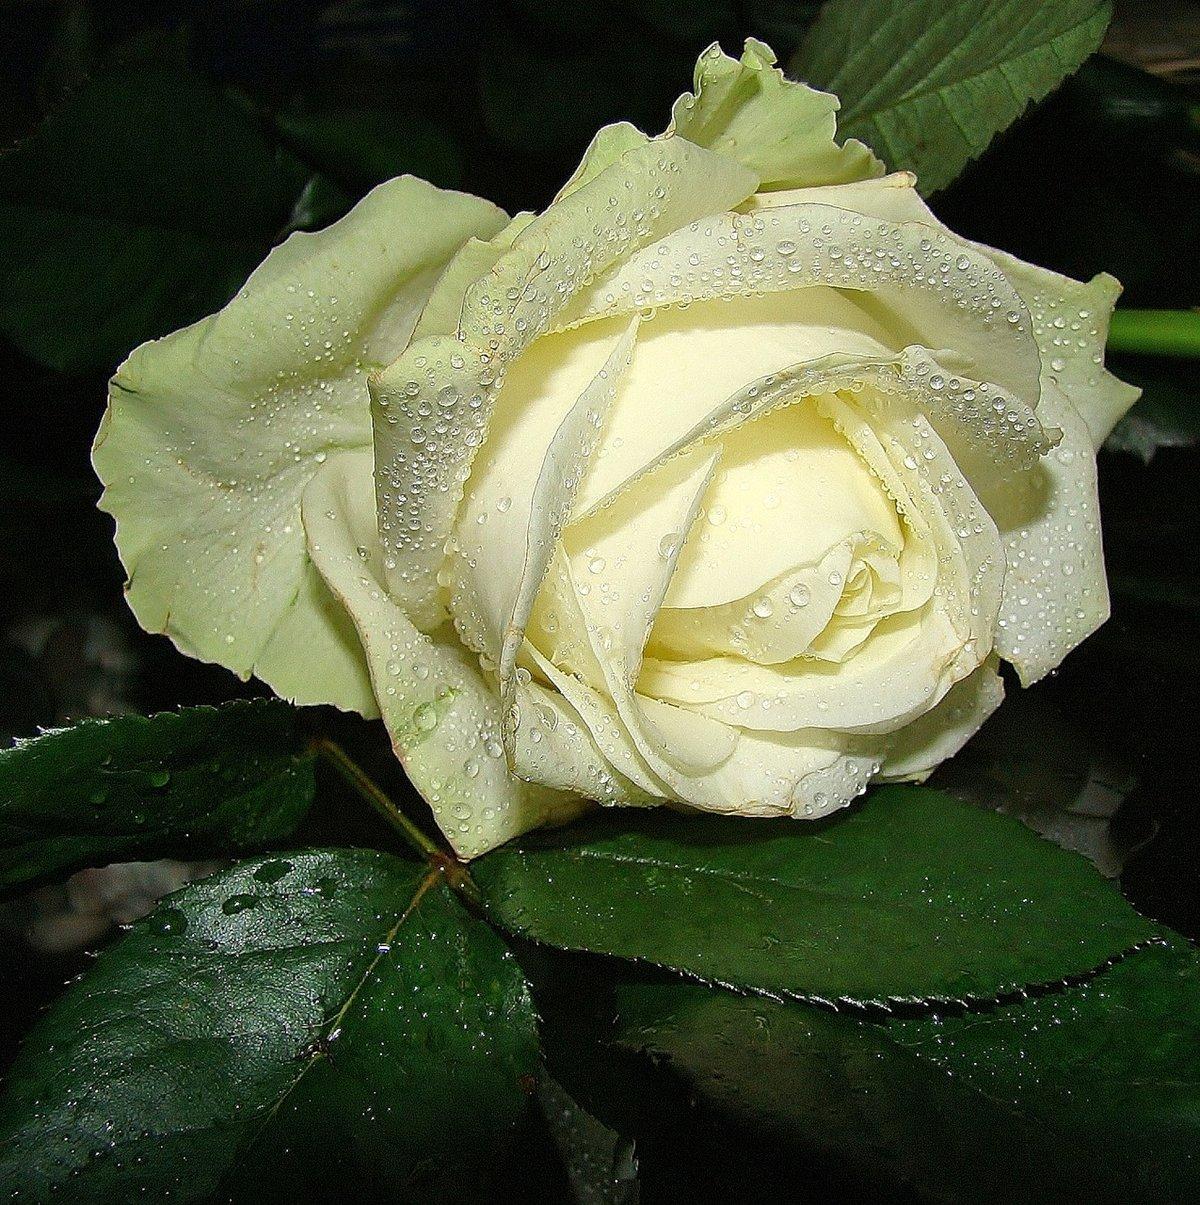 Картинка белая роза с надписью, картинки советских времен